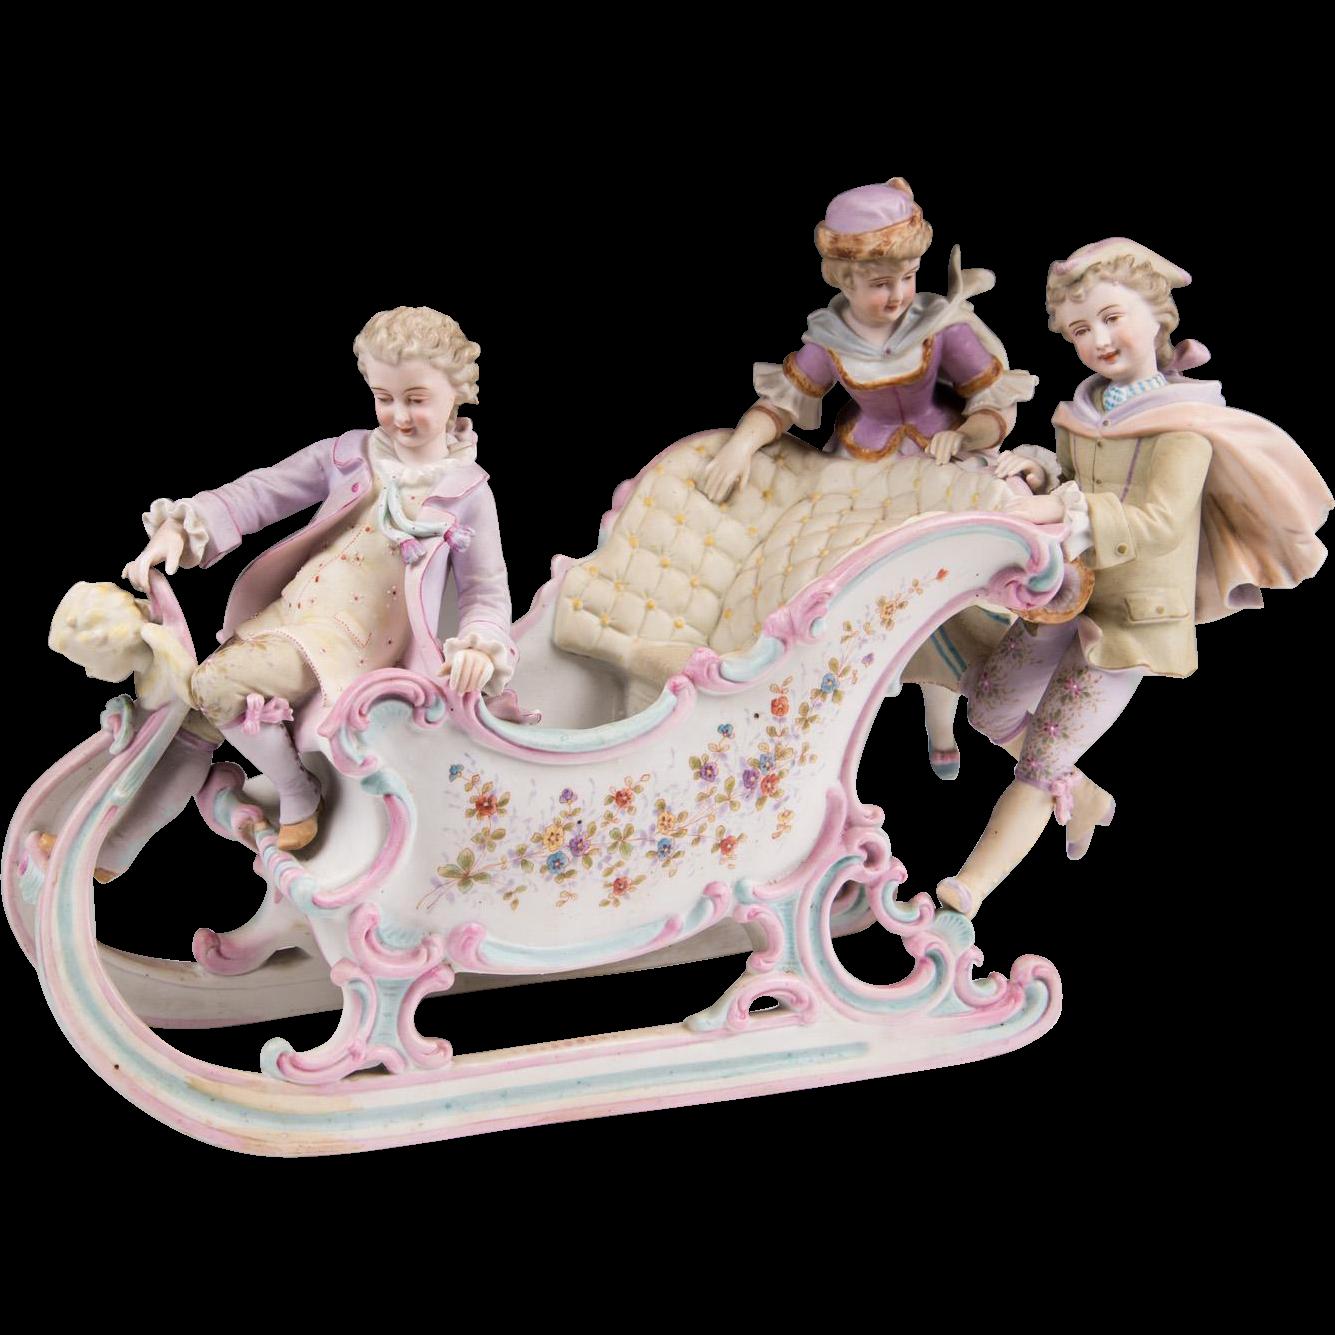 Victorian German Bisque Statue Of Children On A Sleigh